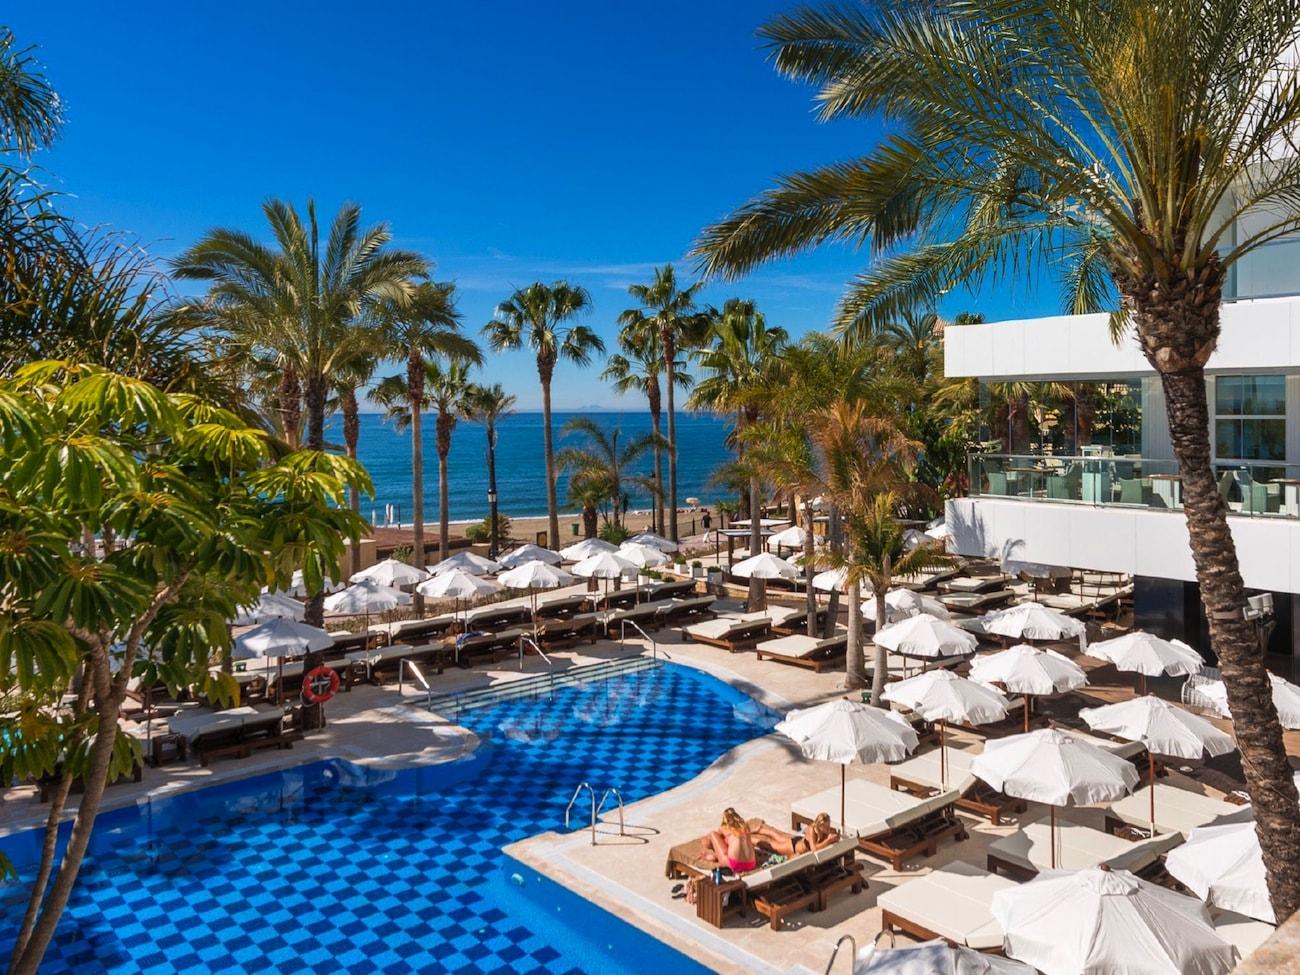 Amare Pool Hotel Fuerte Miramar